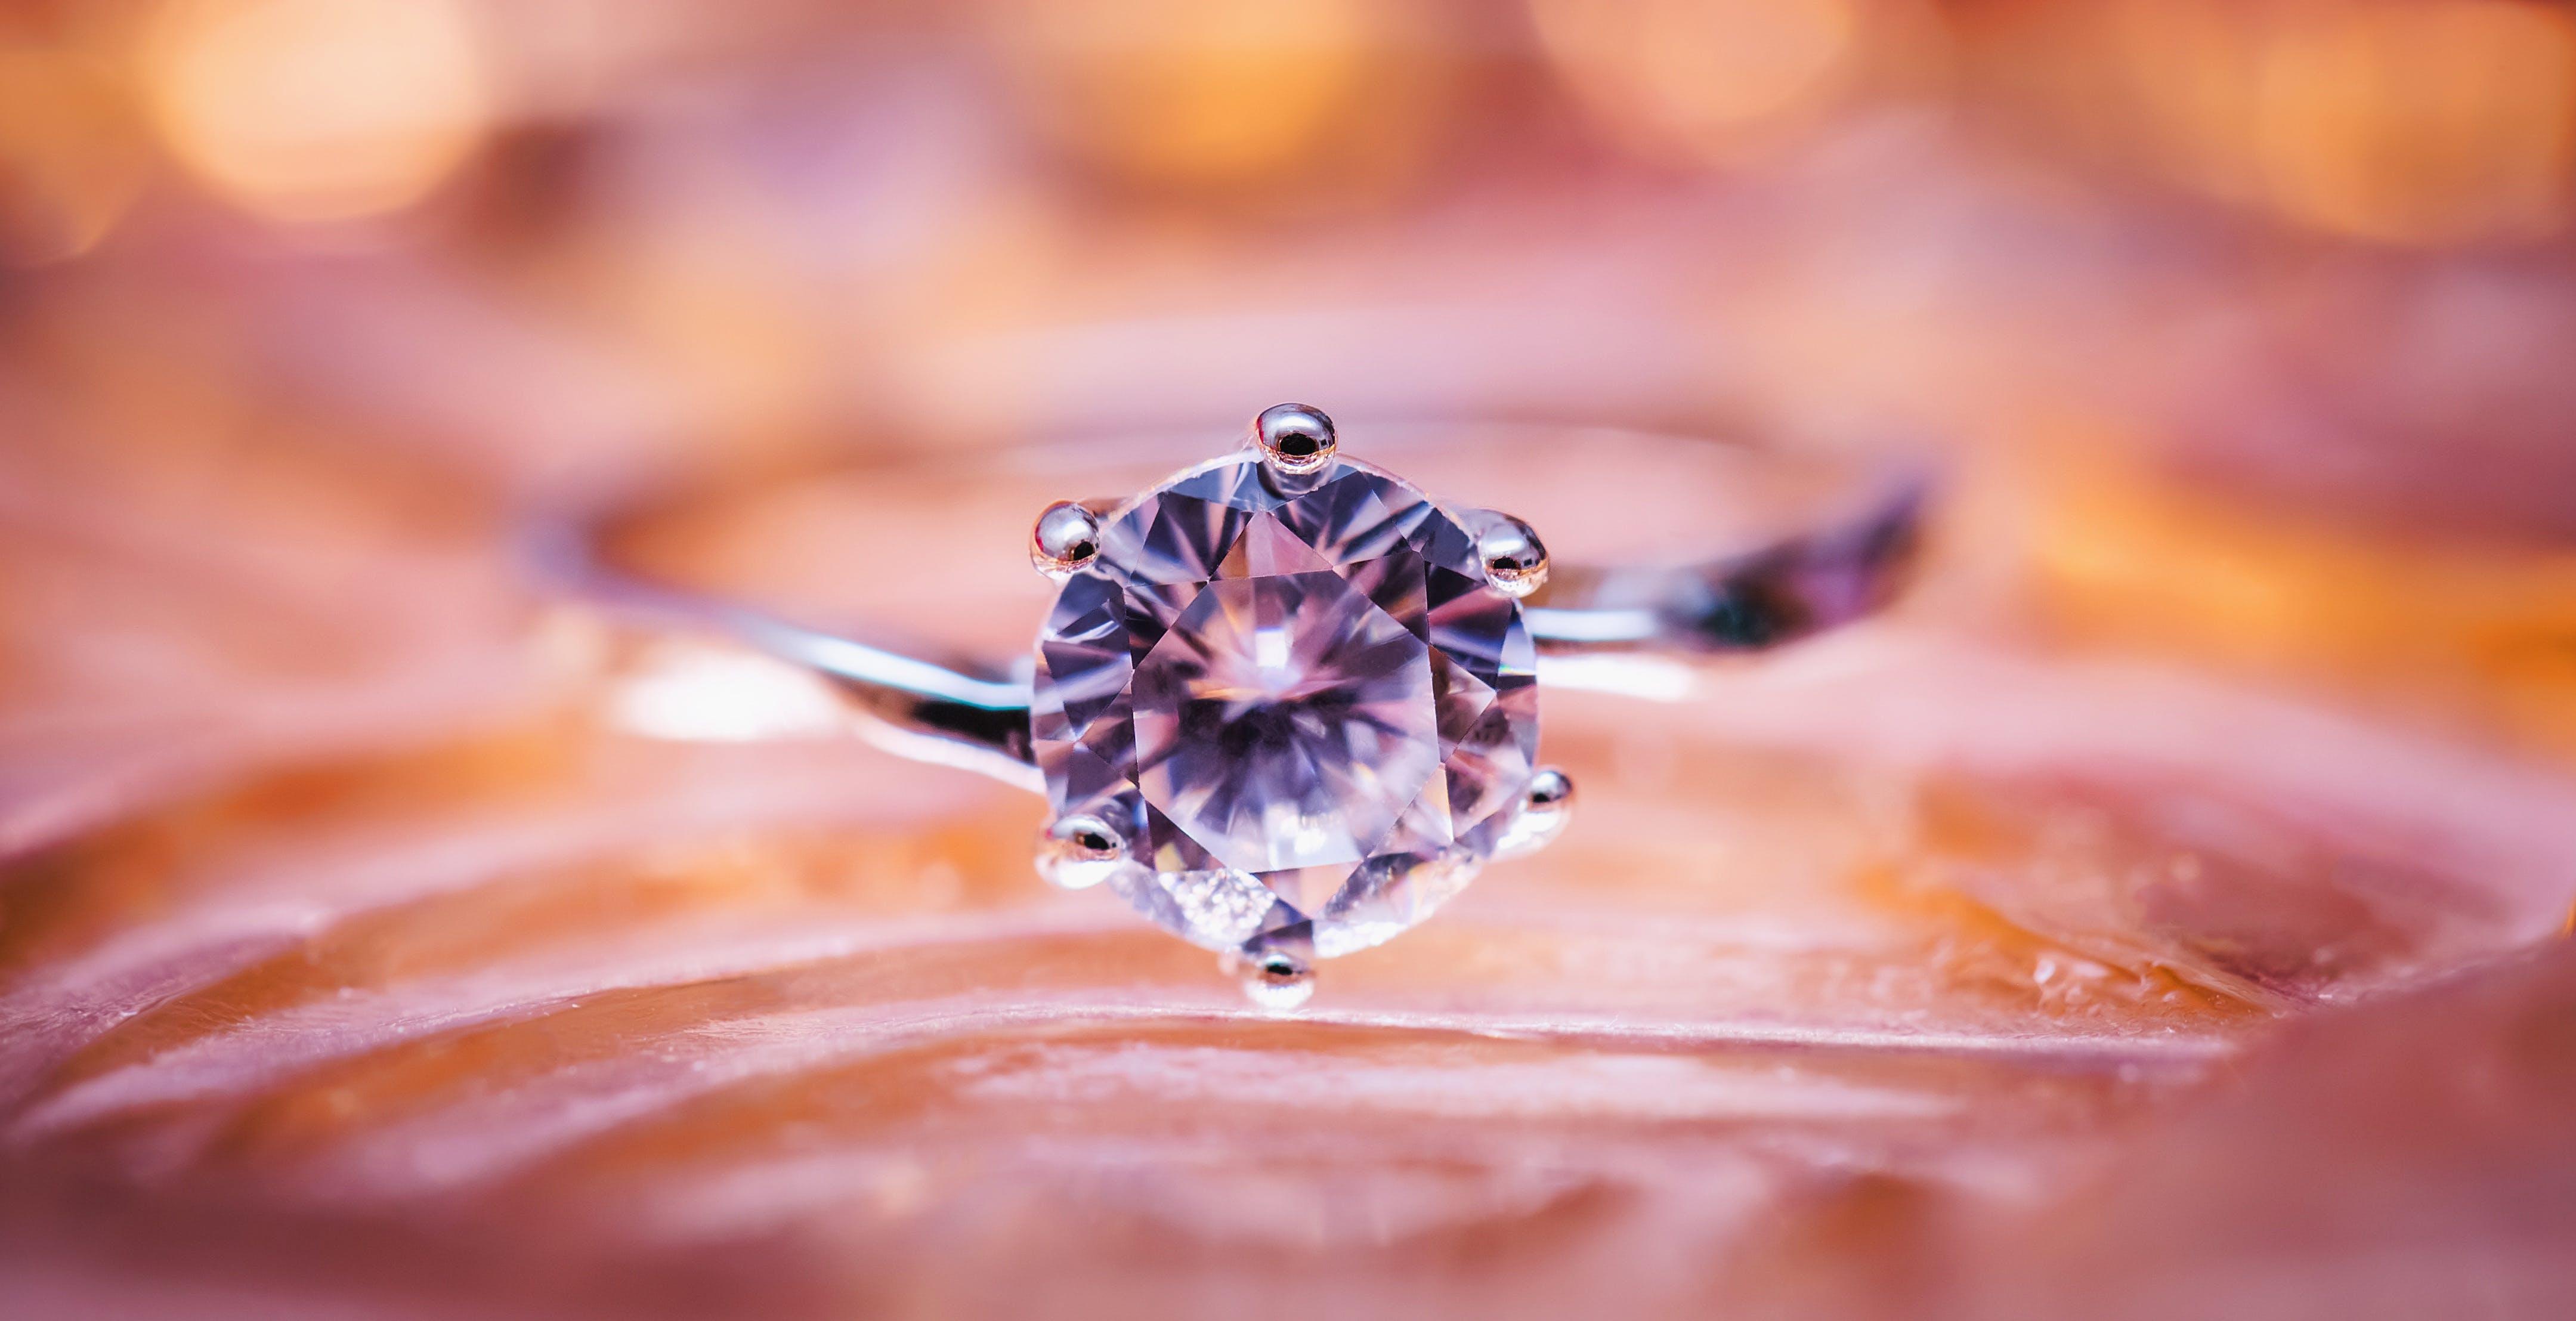 Pandora, basta diamanti naturali. Dal 2022 userà solo diamanti creati in laboratorio